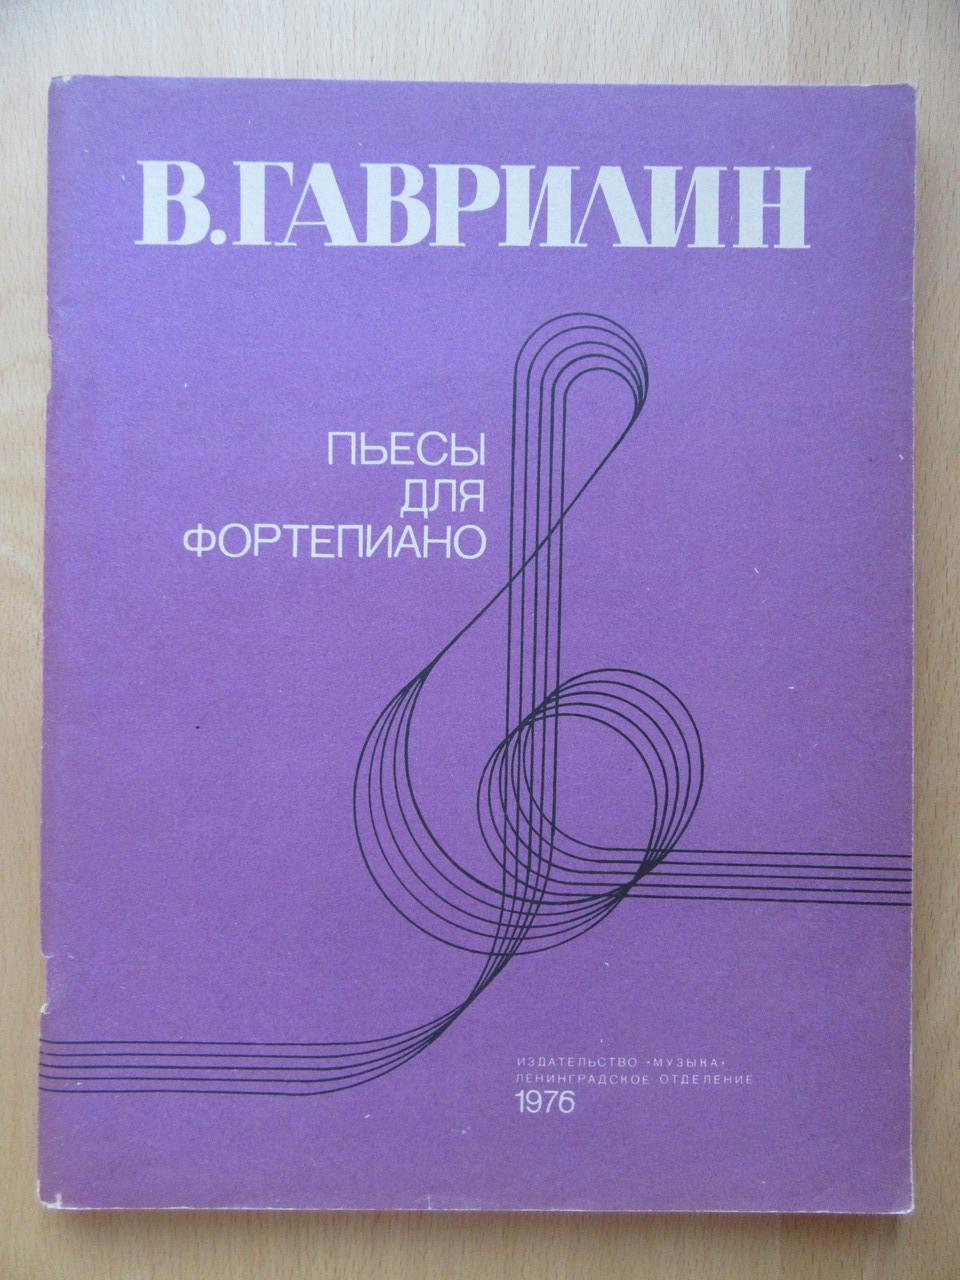 В.Гаврилин. Пьесы для фортепиано